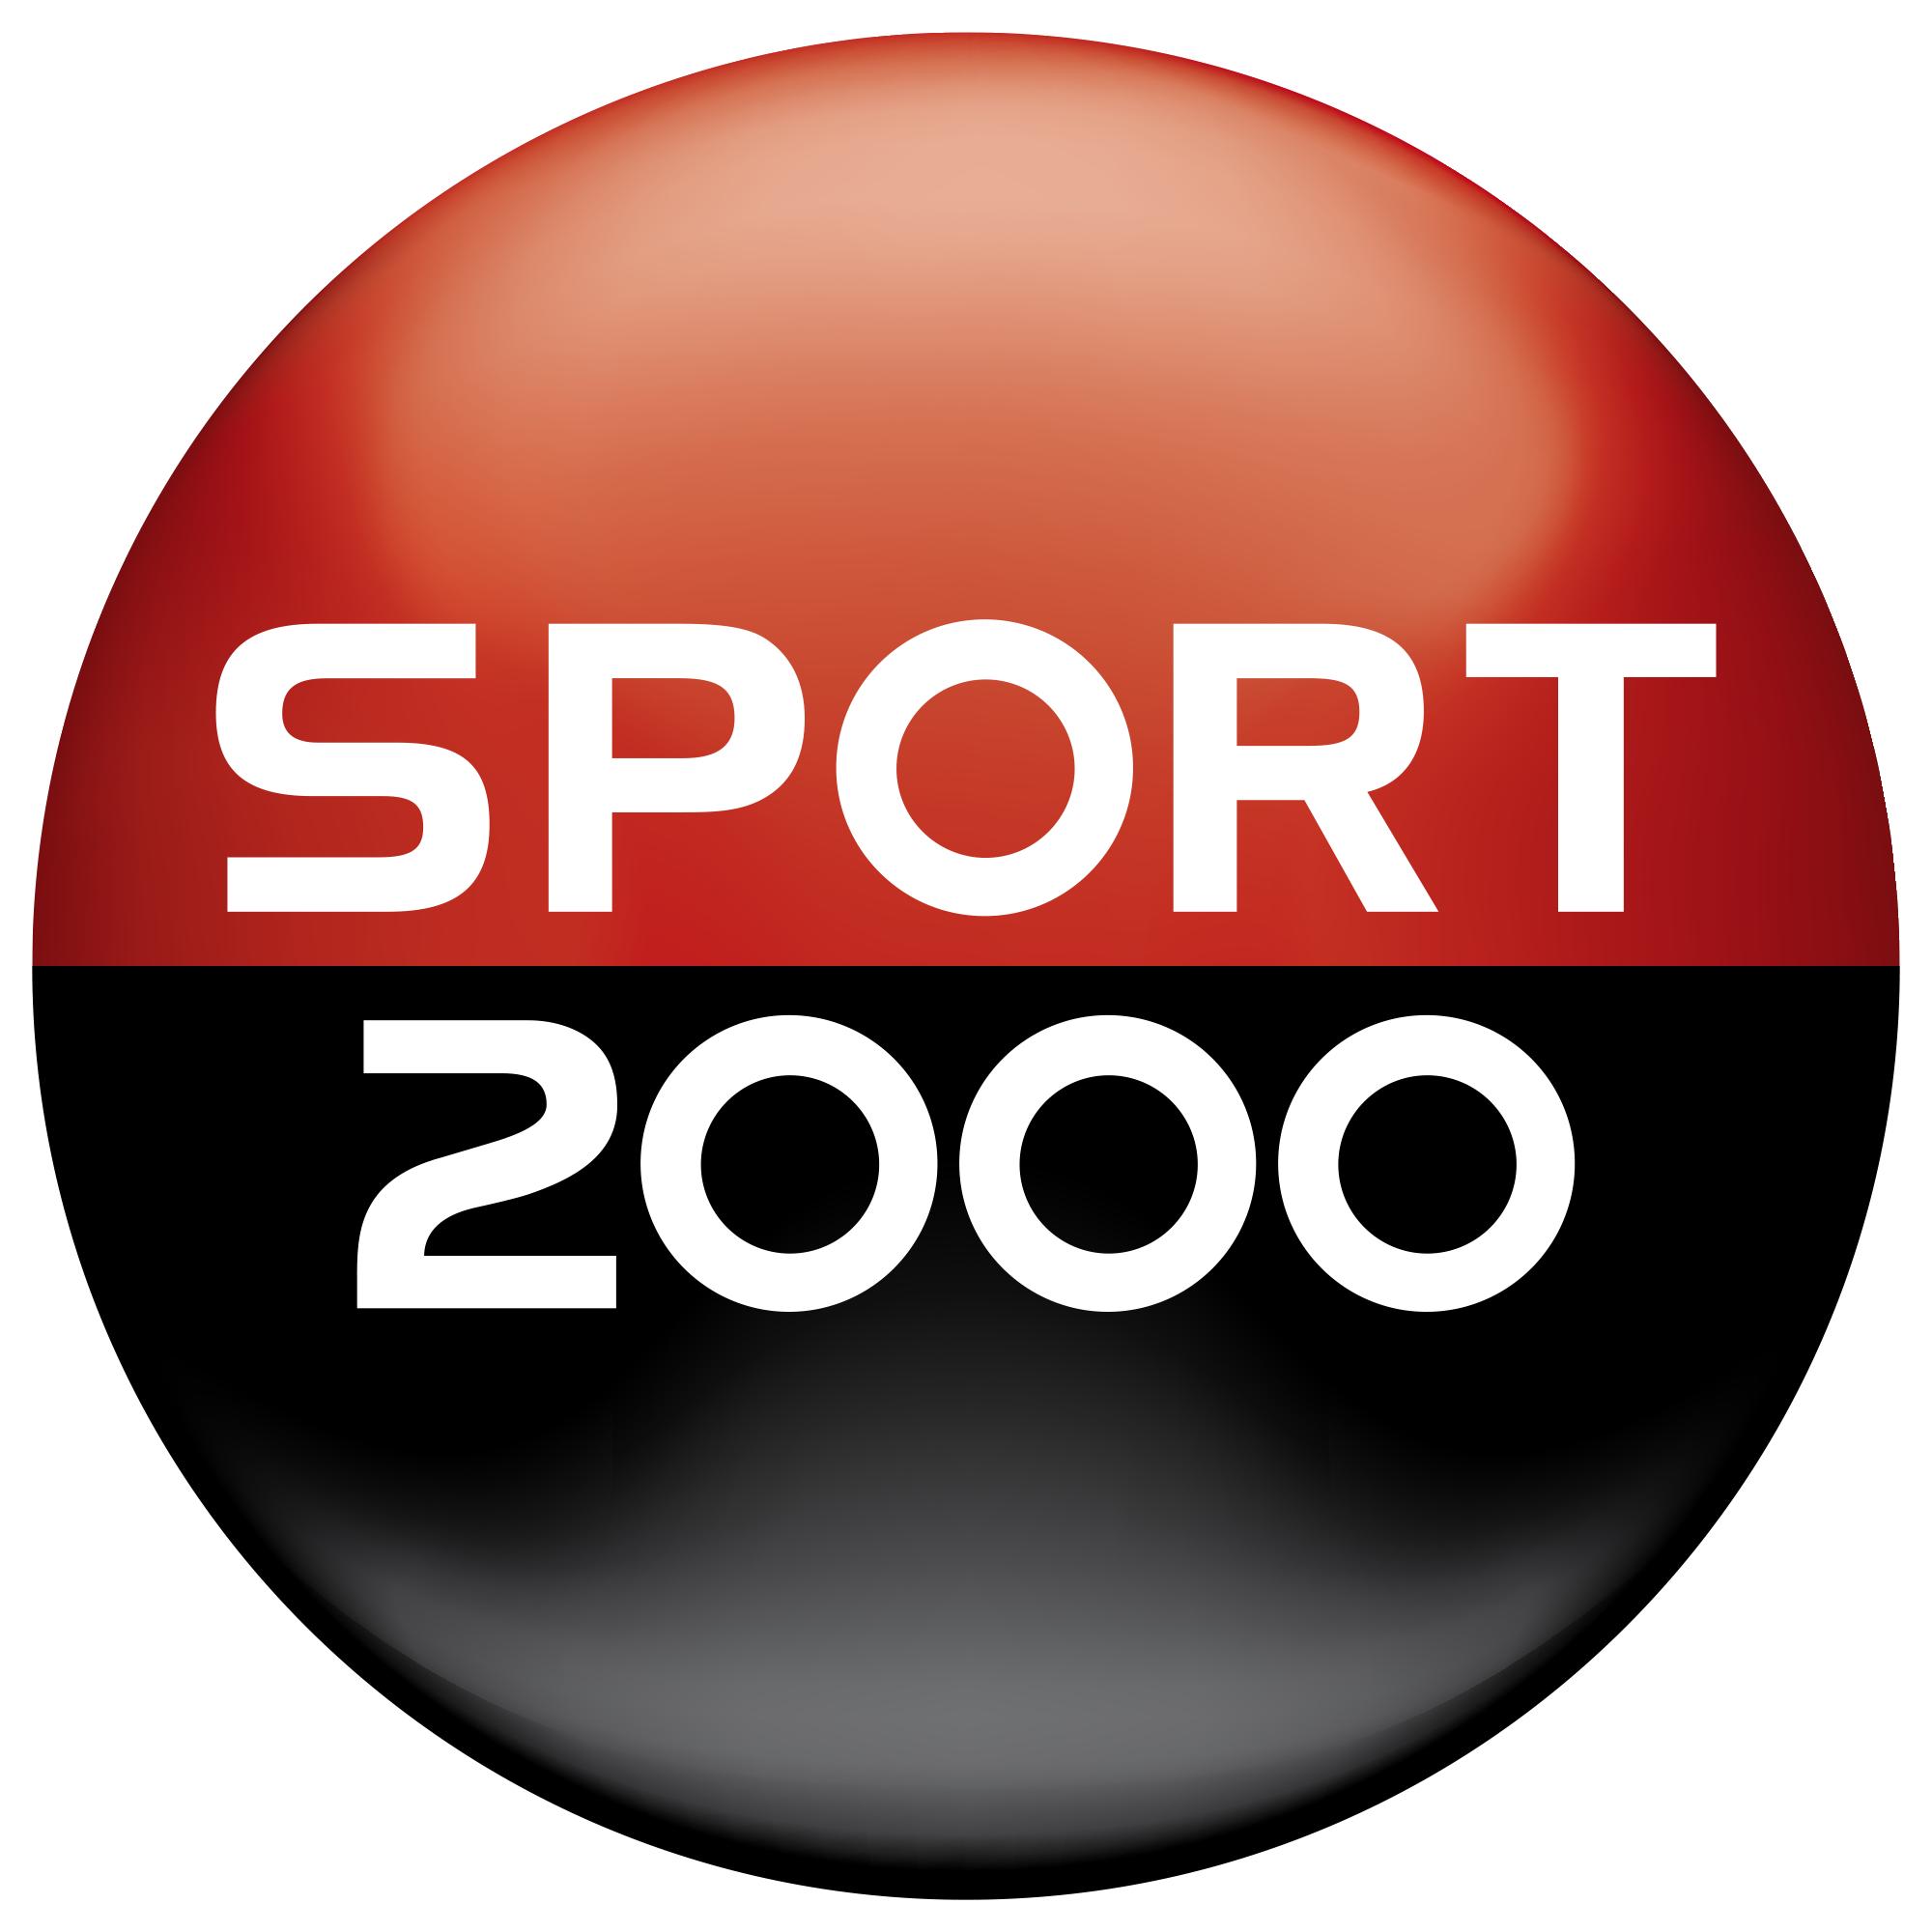 nike air max femme sport 2000